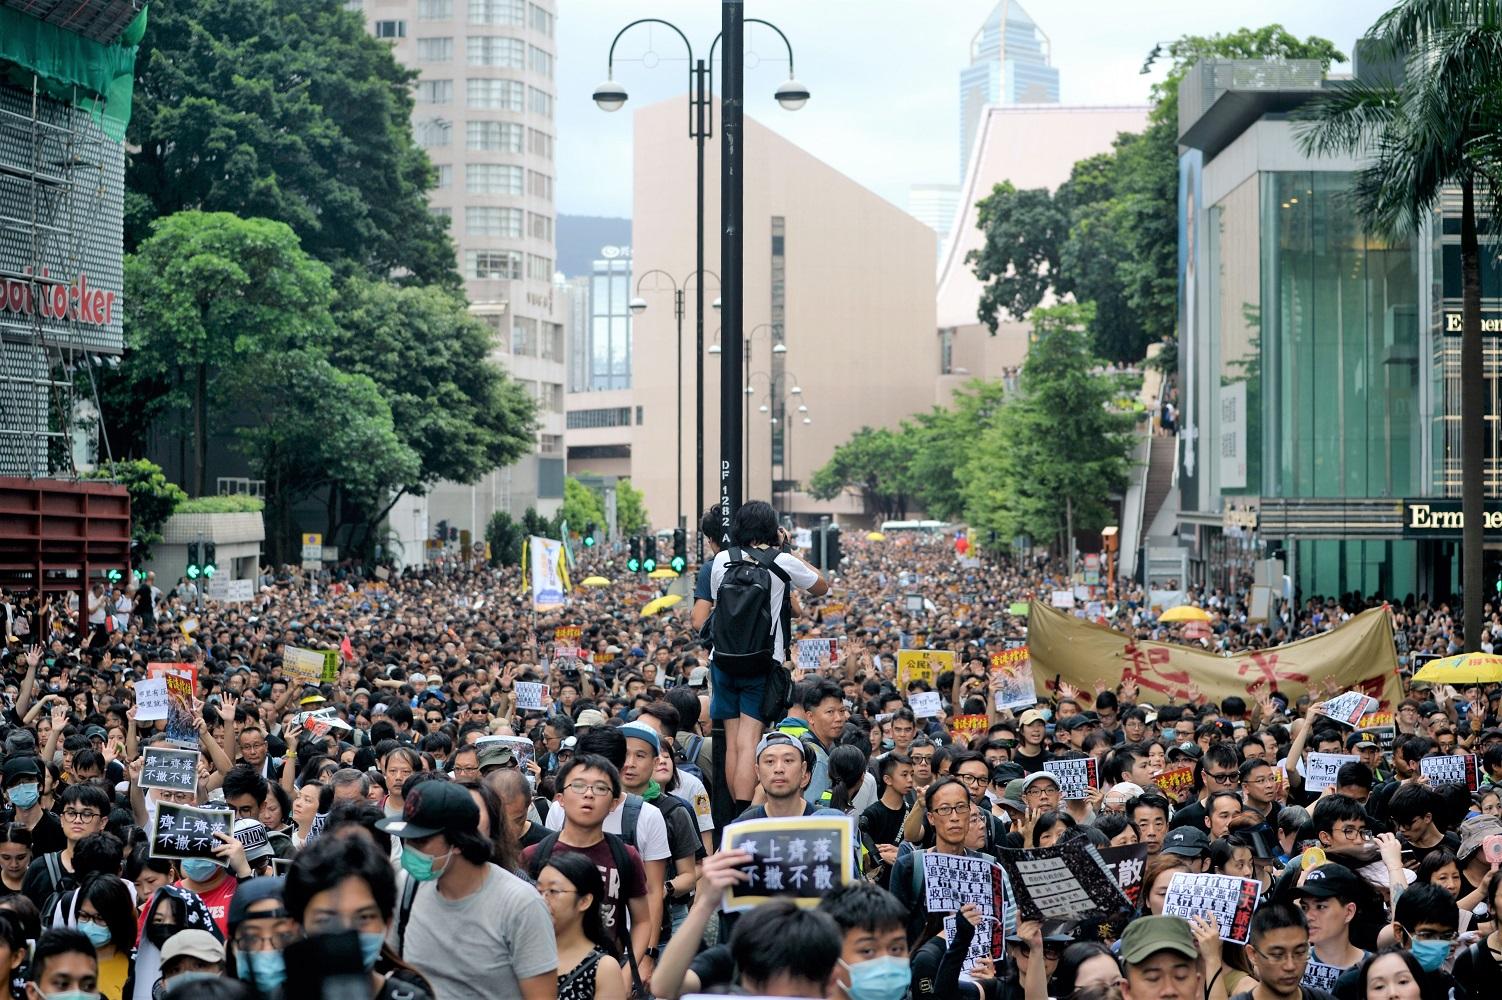 民陣發起周日九龍遊行,警方發反對通知書。資料圖片